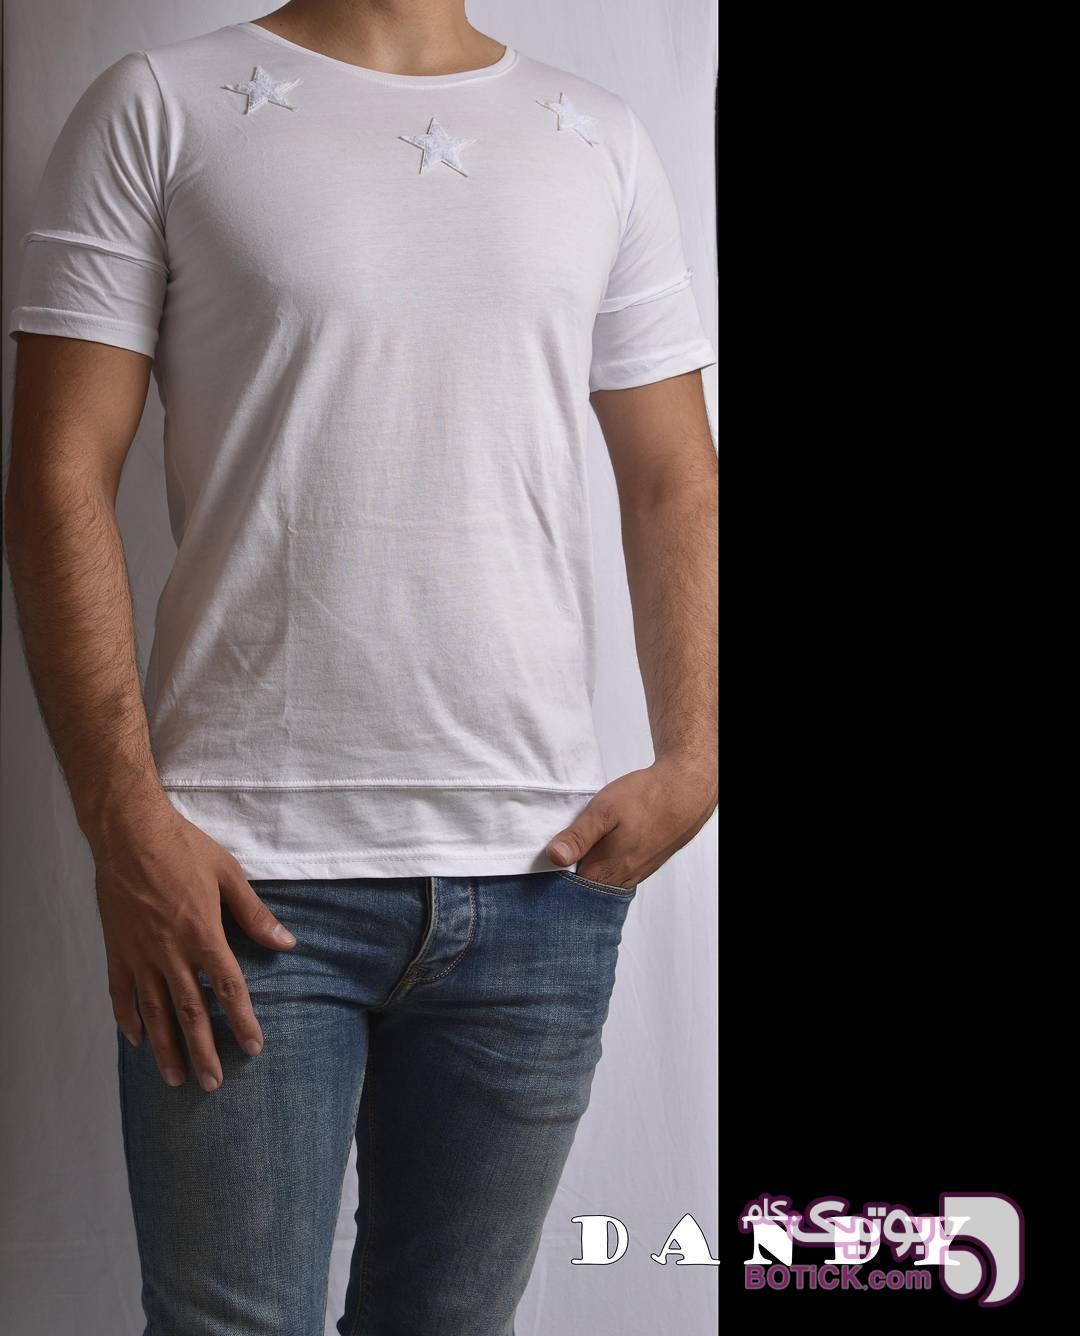 تیشرت استین کوتاه ترک کنلی اورجینال سبز تی شرت مردانه